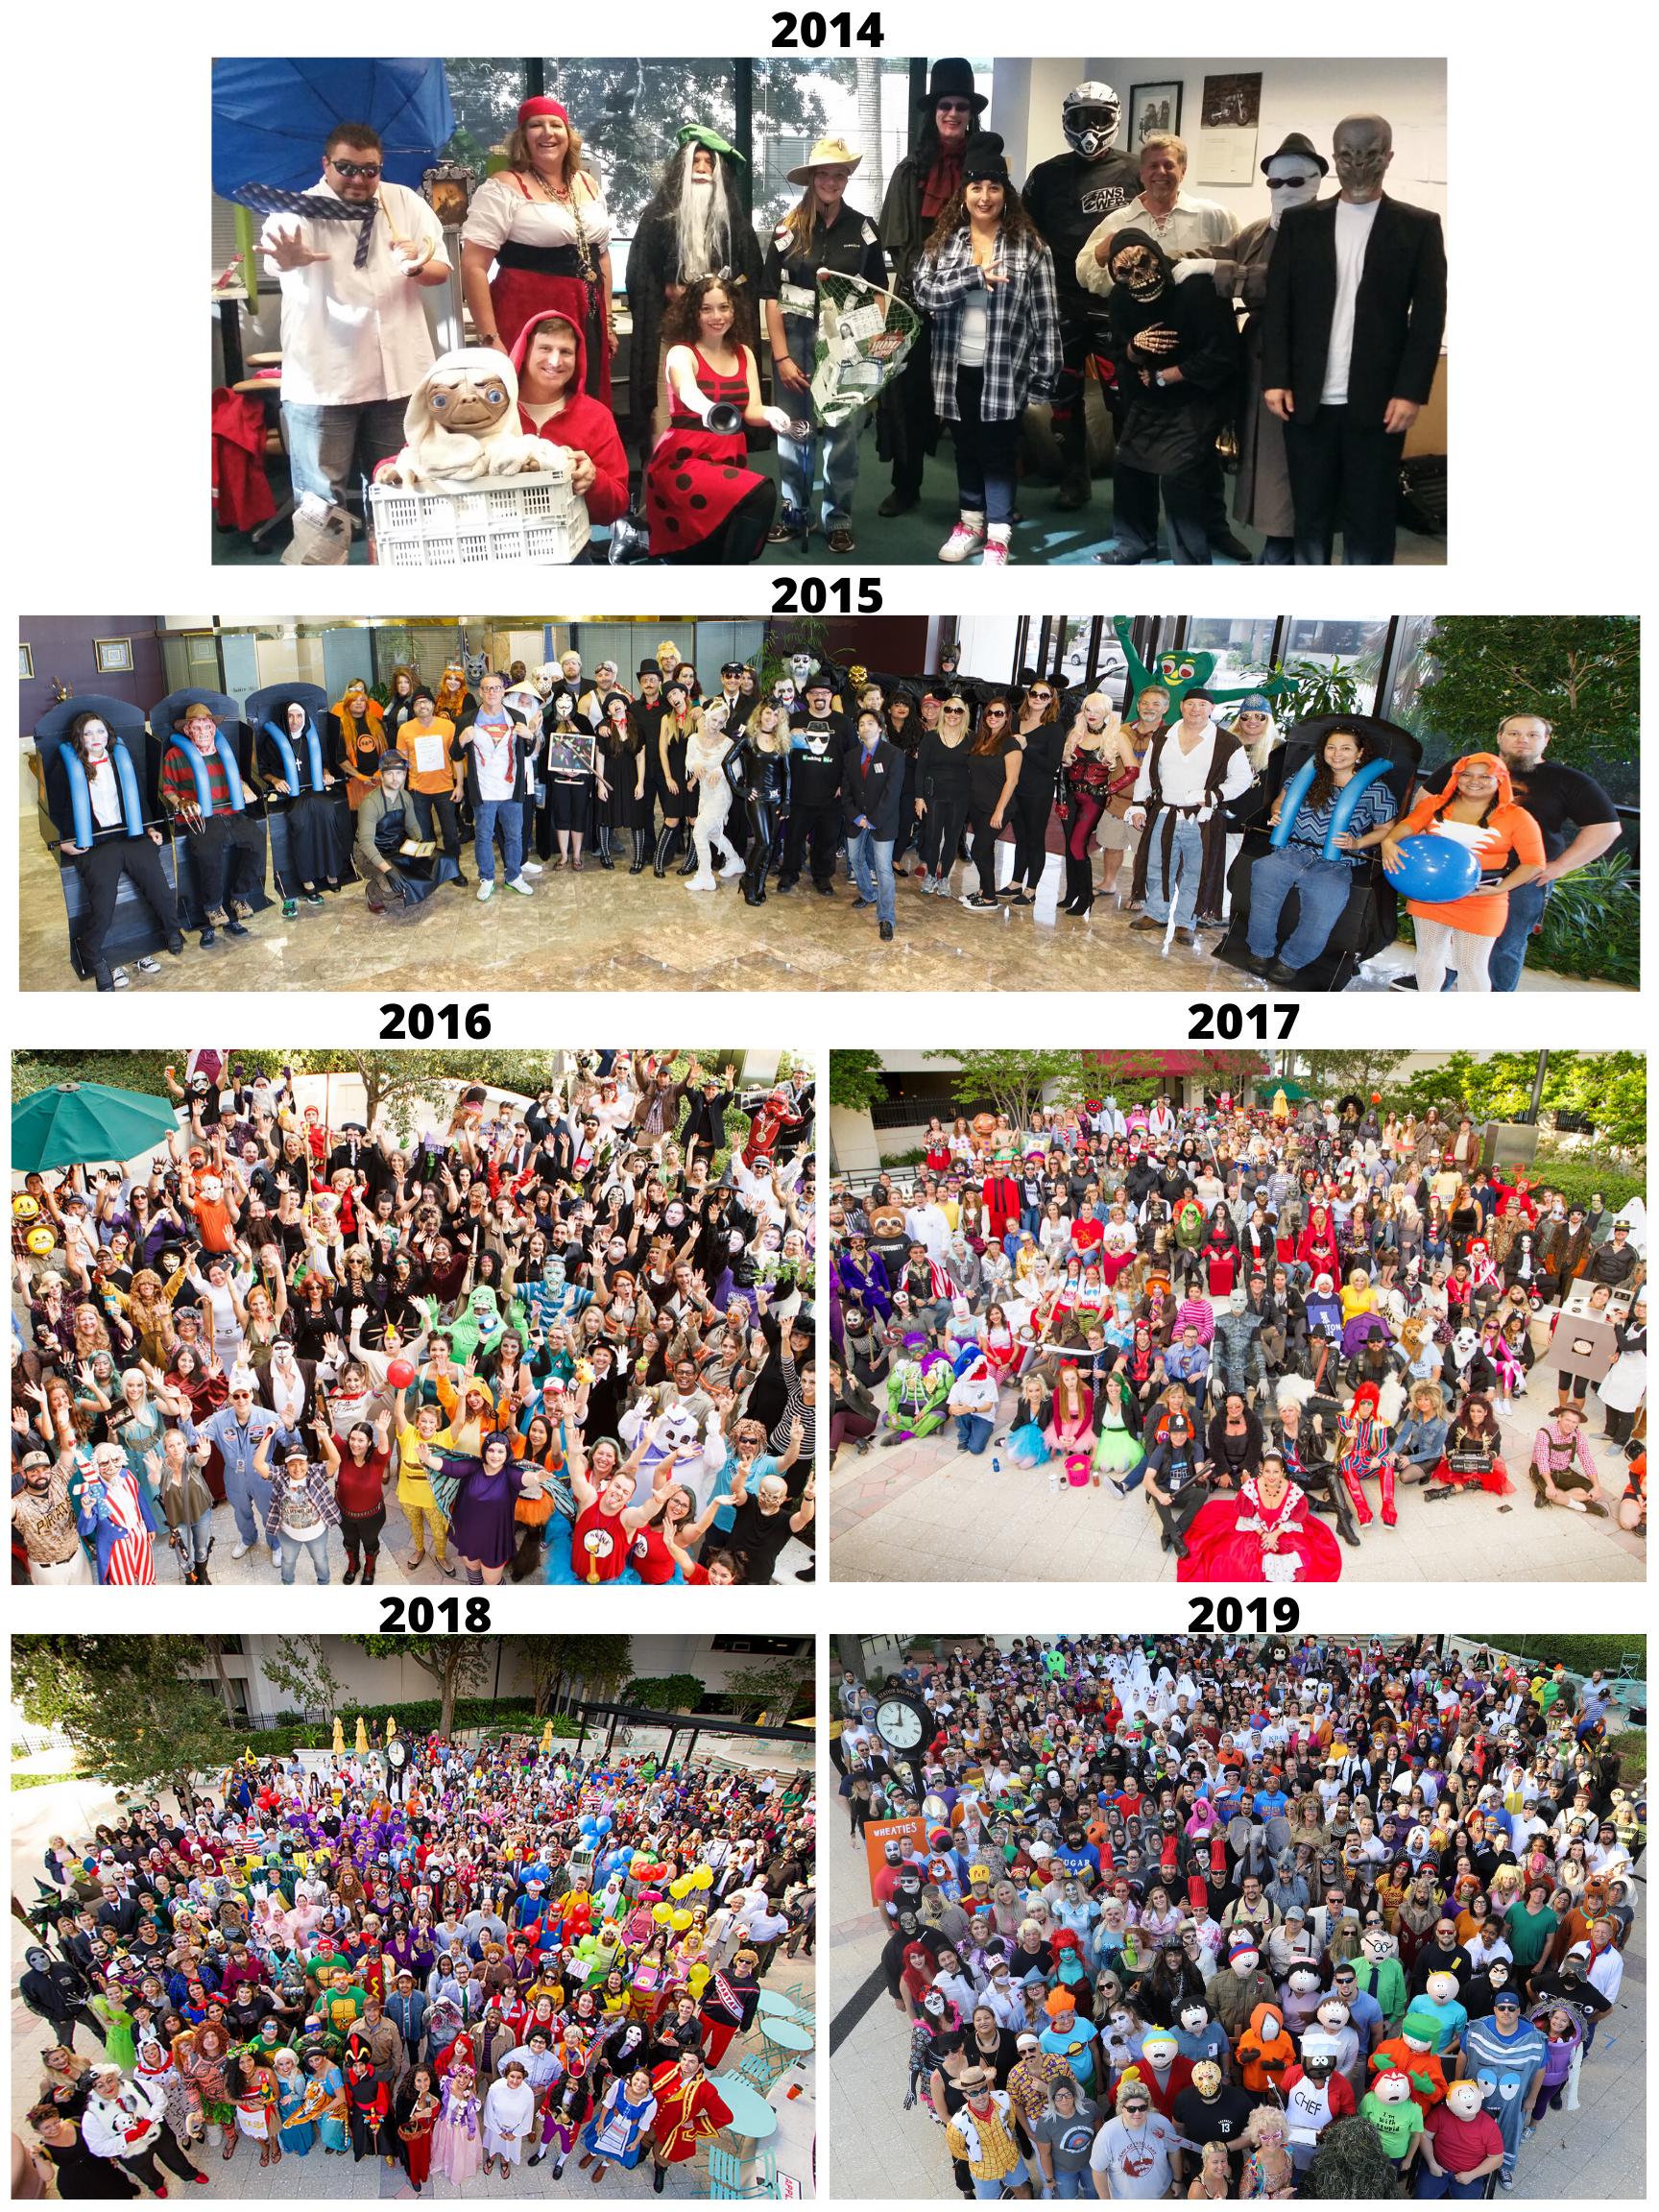 KnowBe4 Halloween 2014-2019